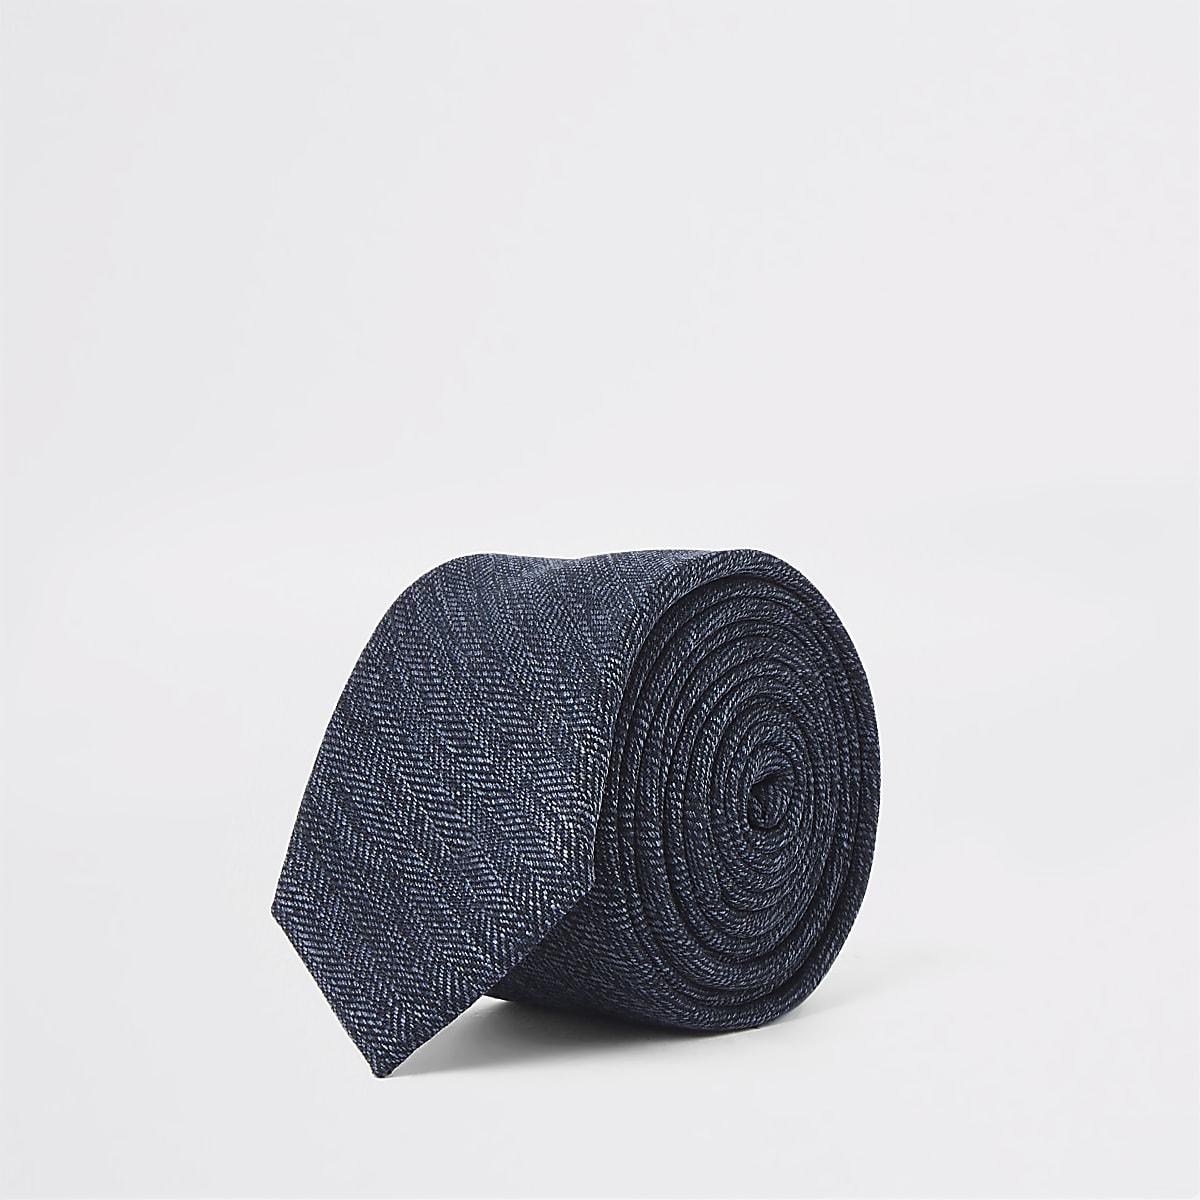 Marineblauwe stropdas met visgraatprint